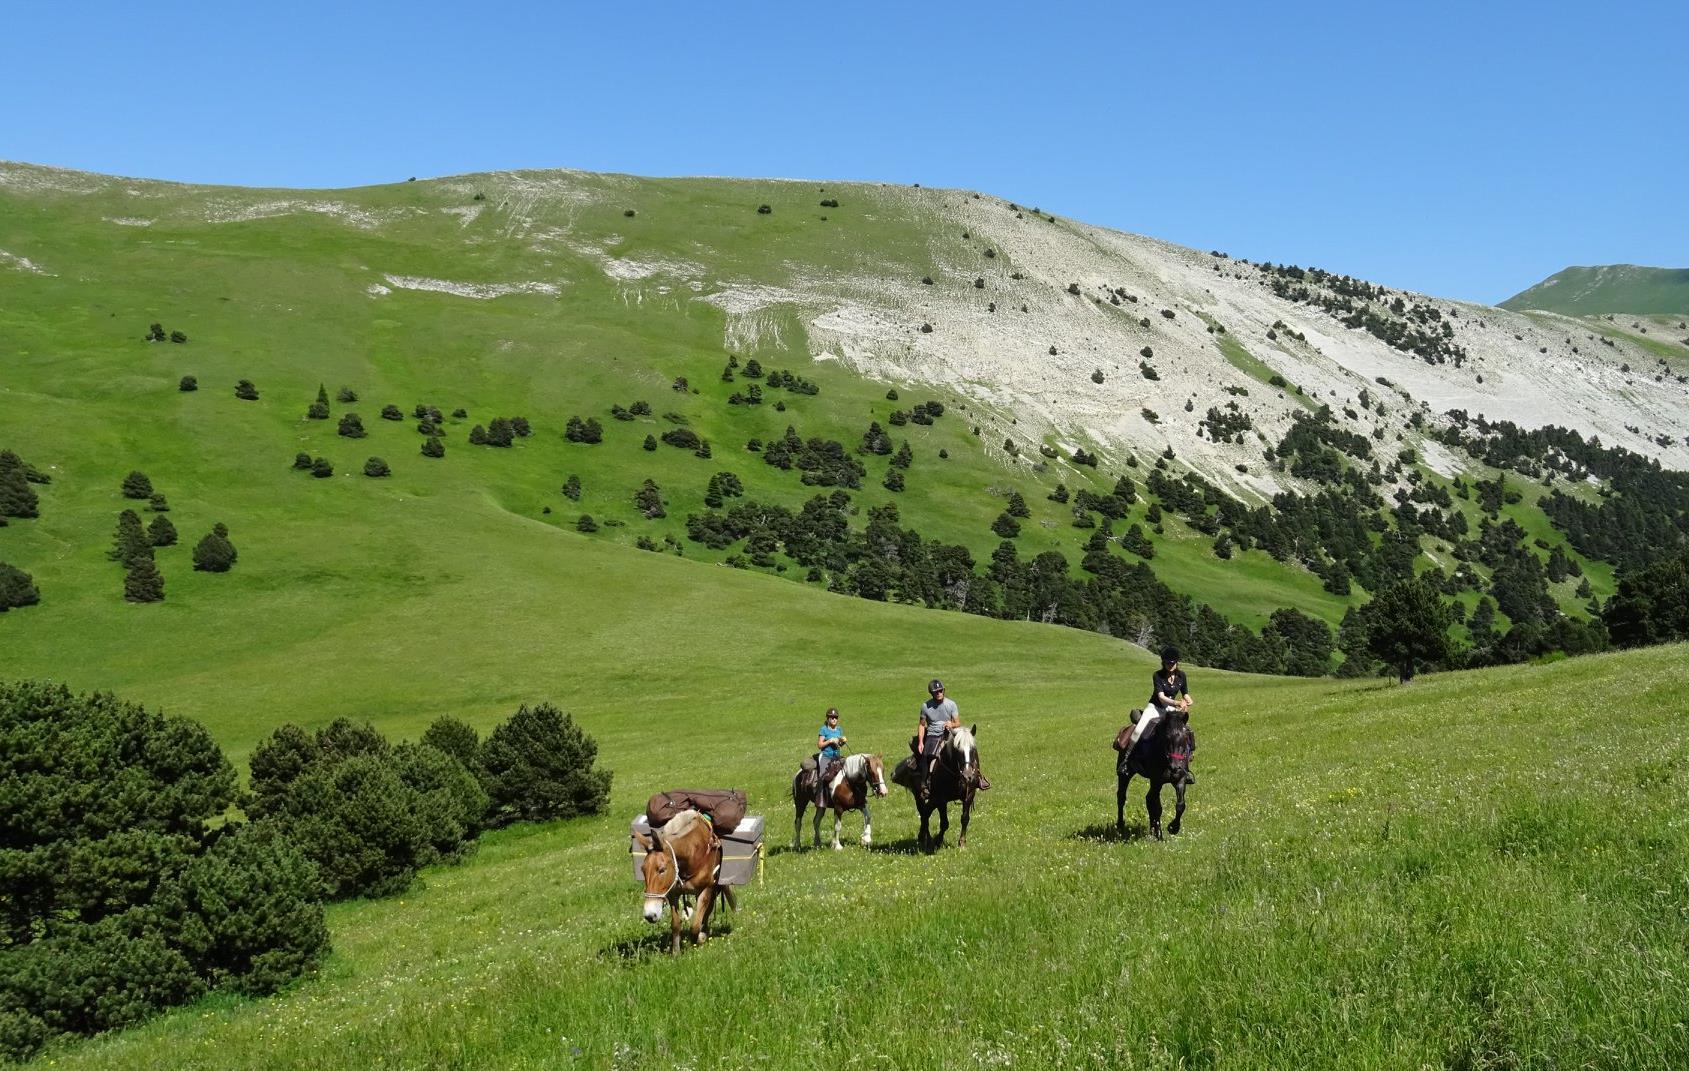 Séjour équestre Les hauts plateaux du Vercors du 25 au 29 Juin 2019 La Roche des Arnauds